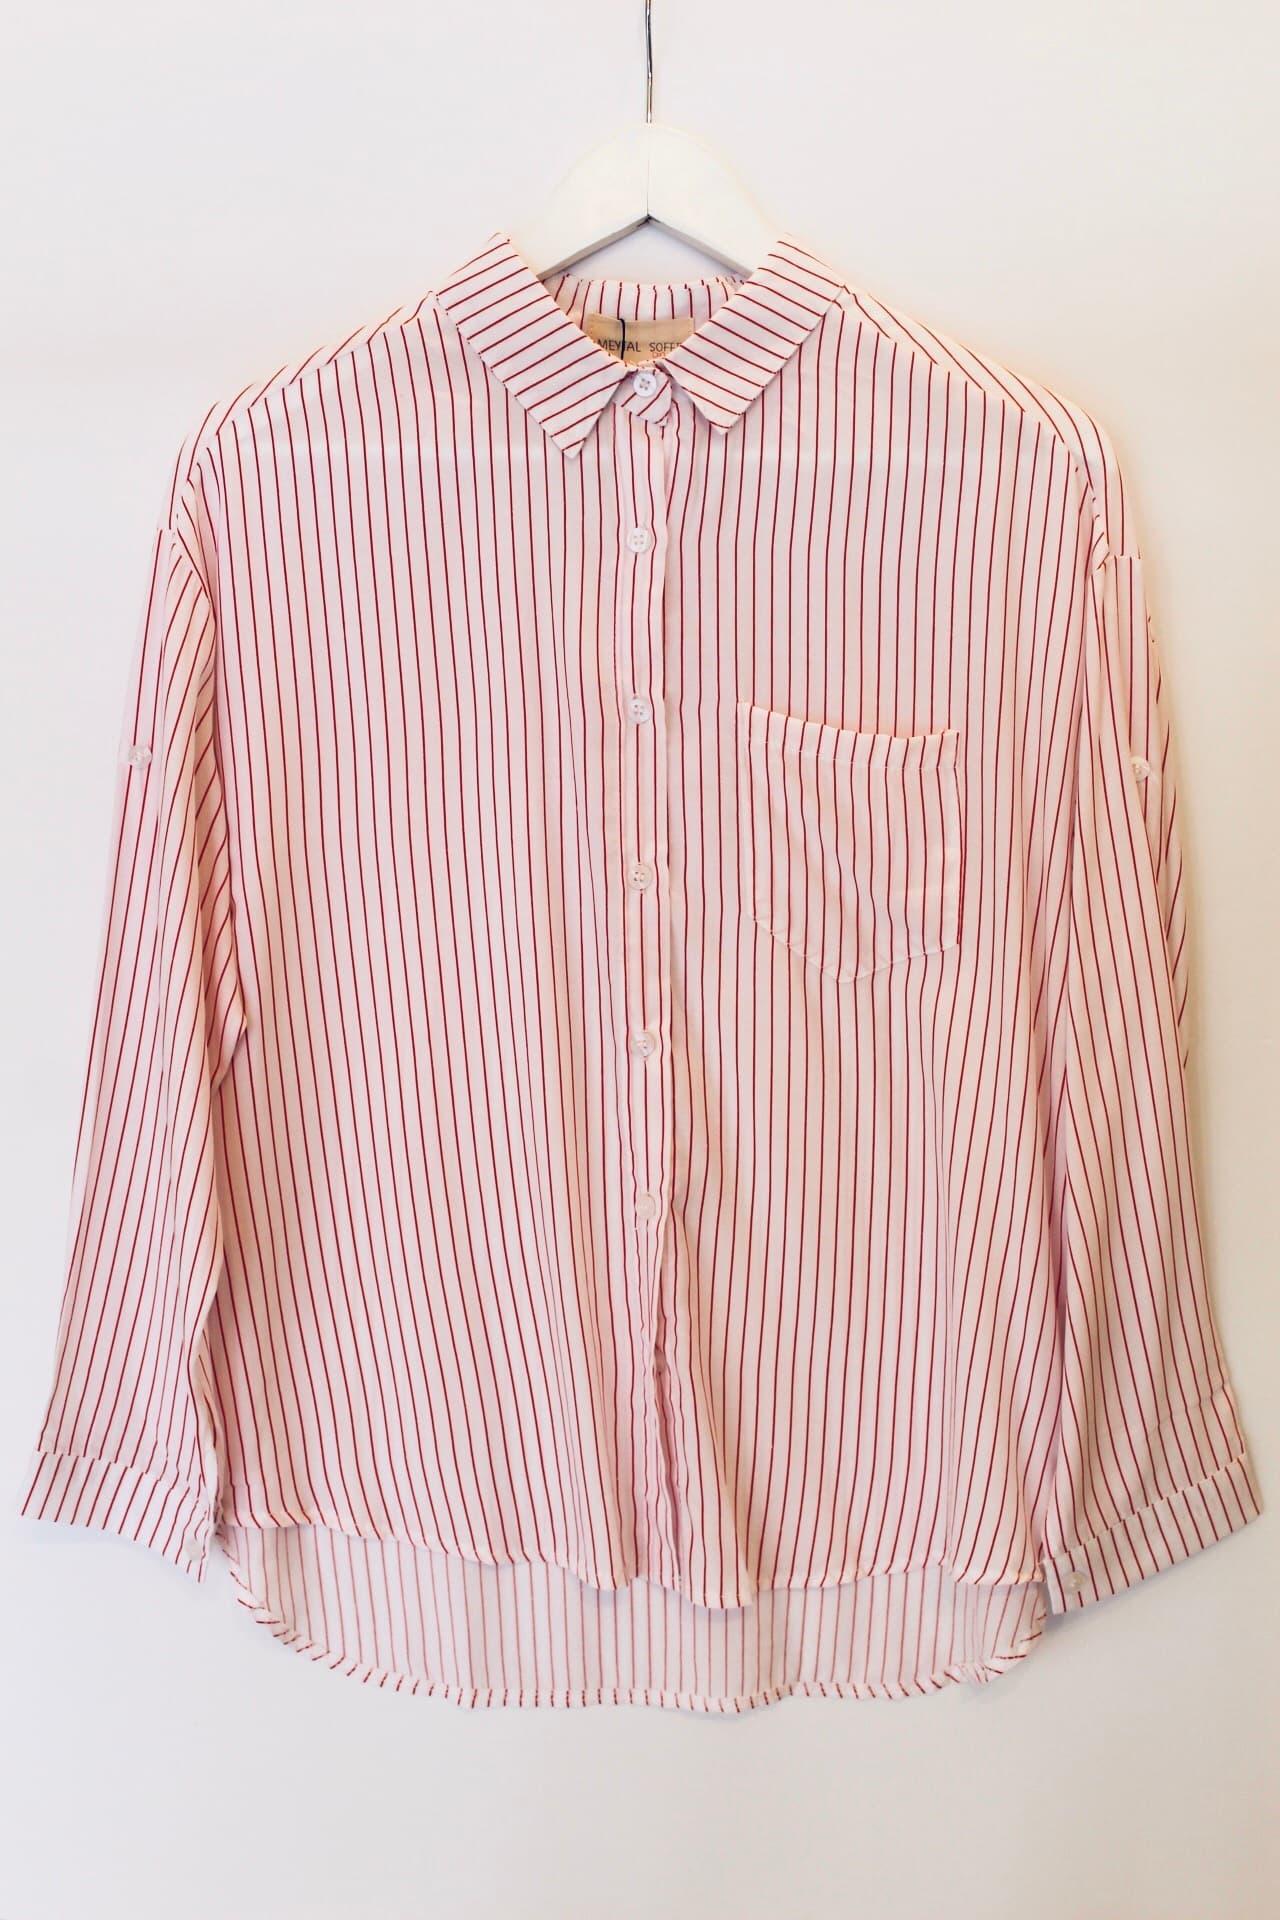 חולצת סטרייפ פסים אדומים